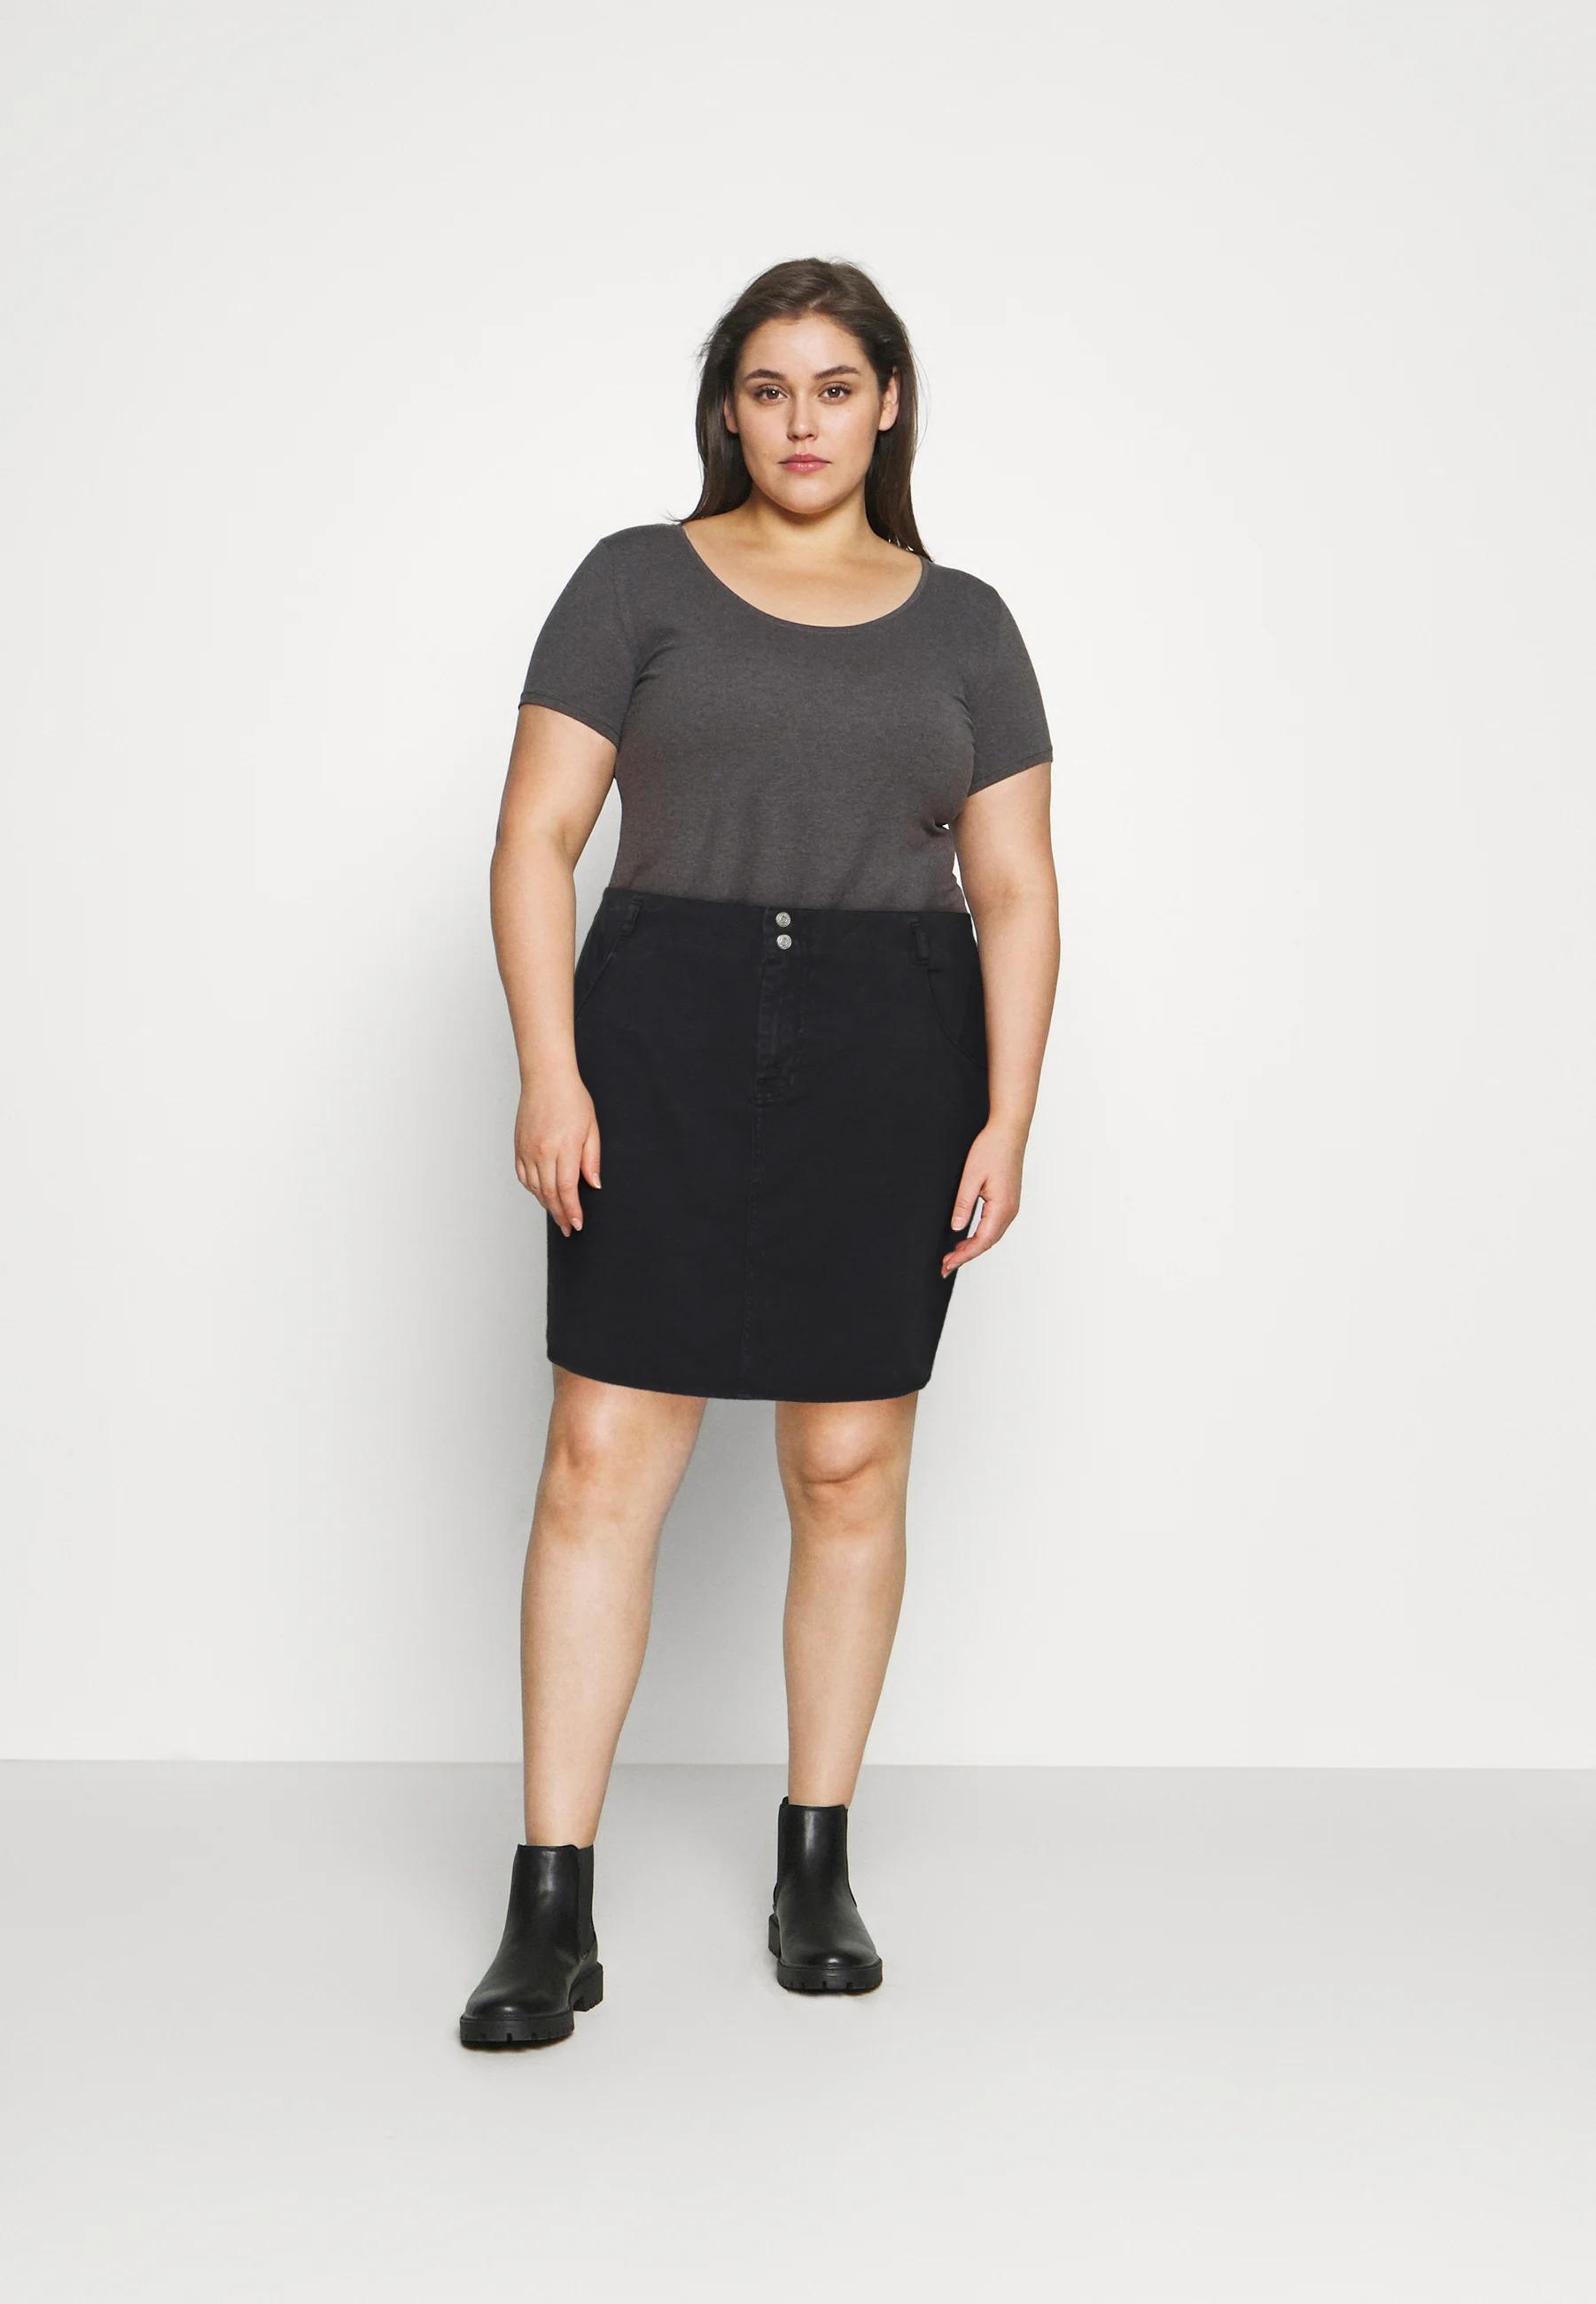 Mini-jupe en jean 100% coton, Noisy May Curve, 22,55€ au lieu de 29,95€.